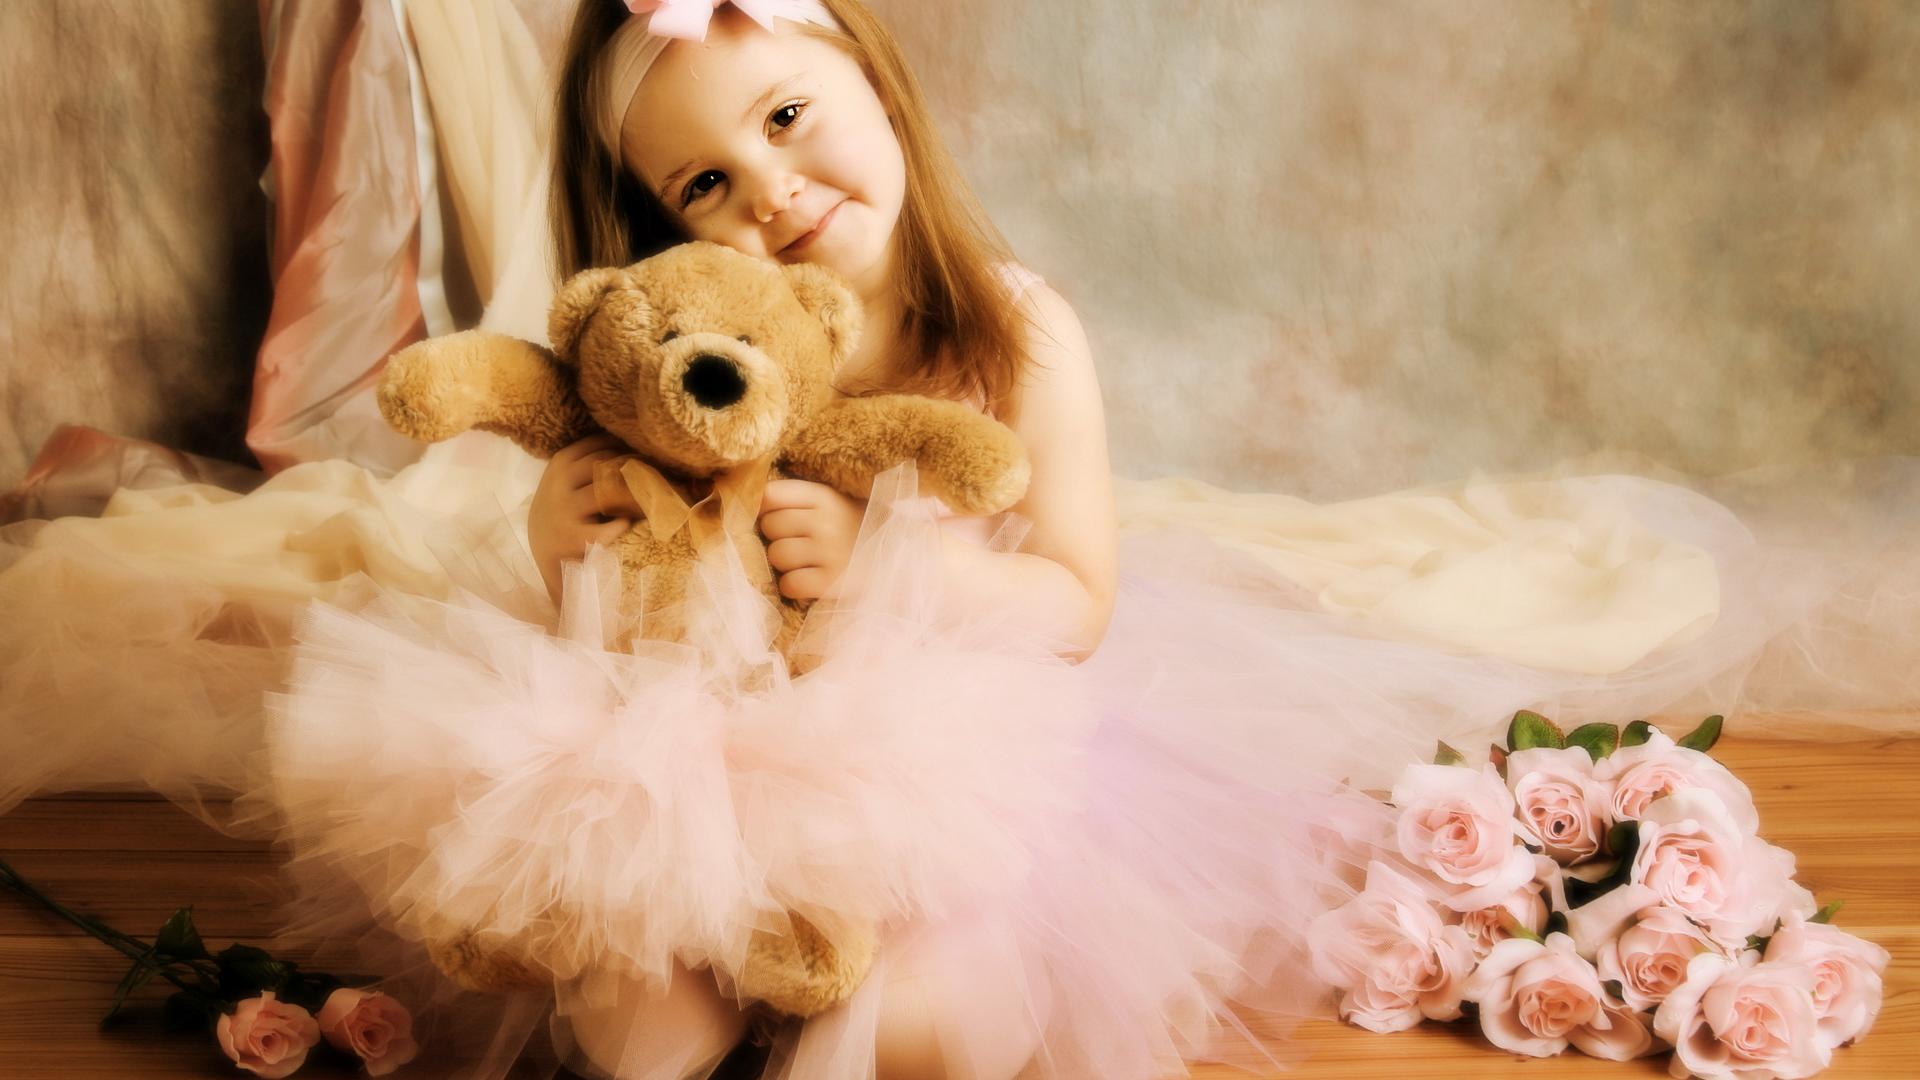 Русский порно самая малинкая девучка 14 фотография